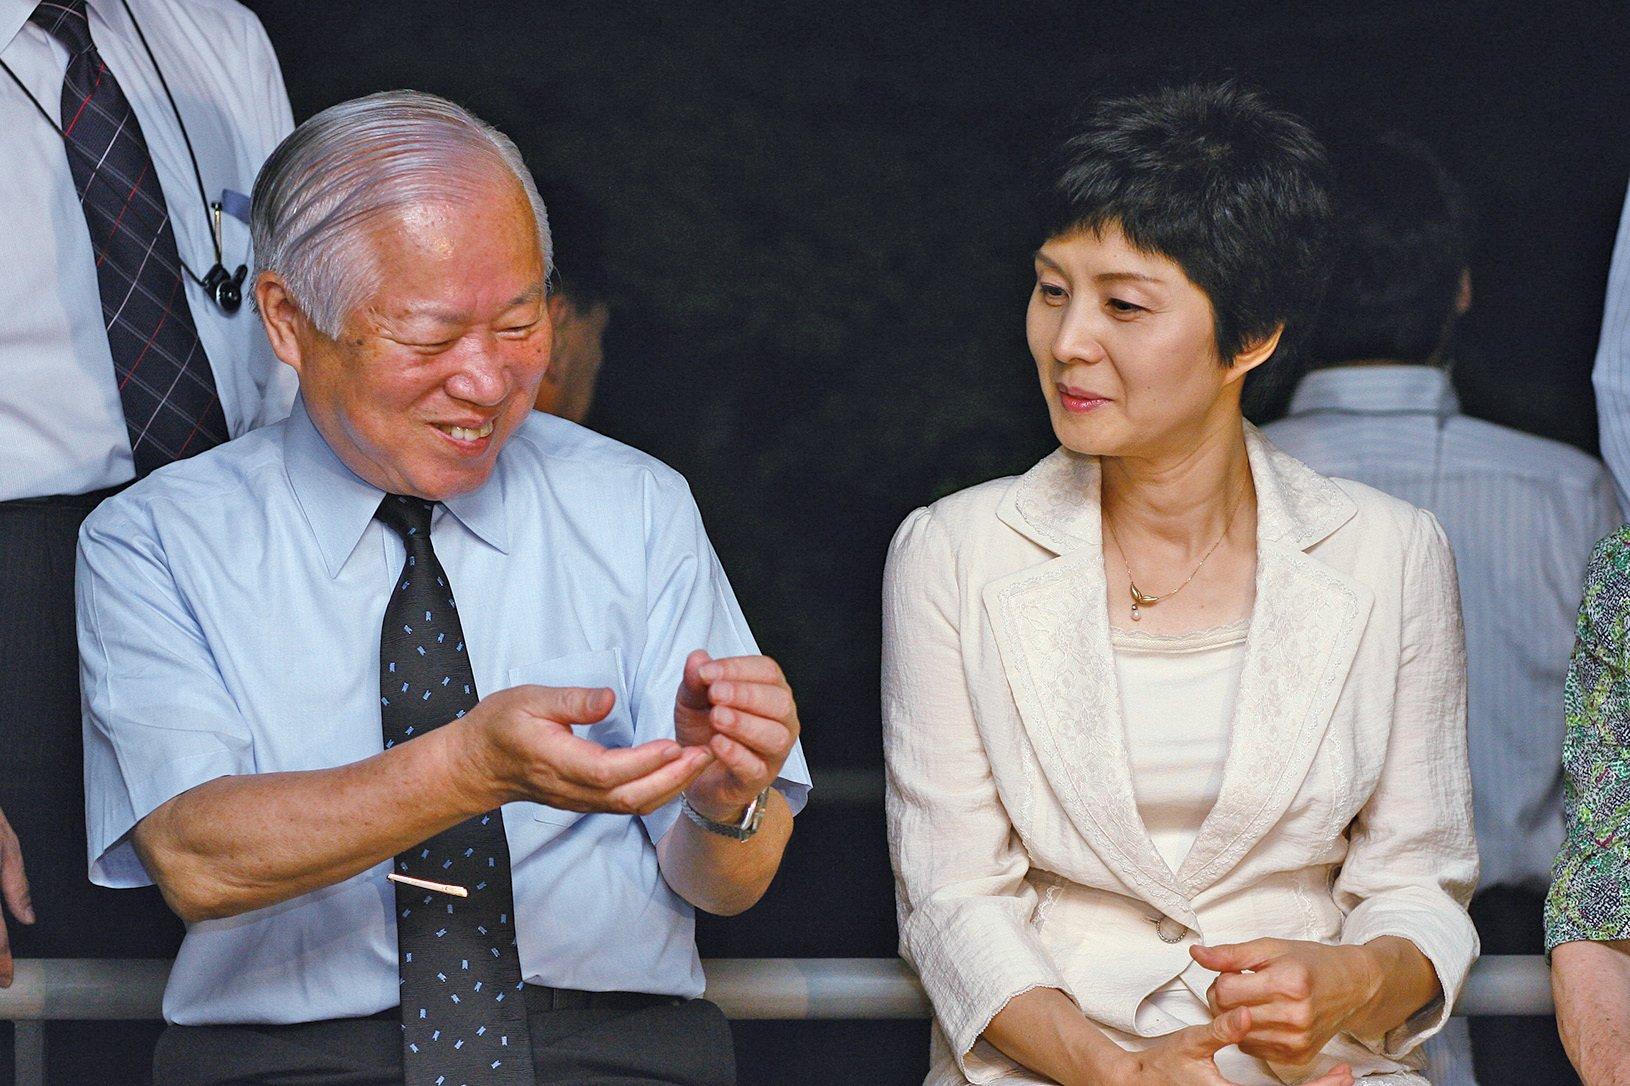 前北韓女間諜金賢姬(右)說,兩韓共組球隊是「金正恩的宣傳噱頭」,其最終目的是以武力統一朝鮮半島。(AFP)